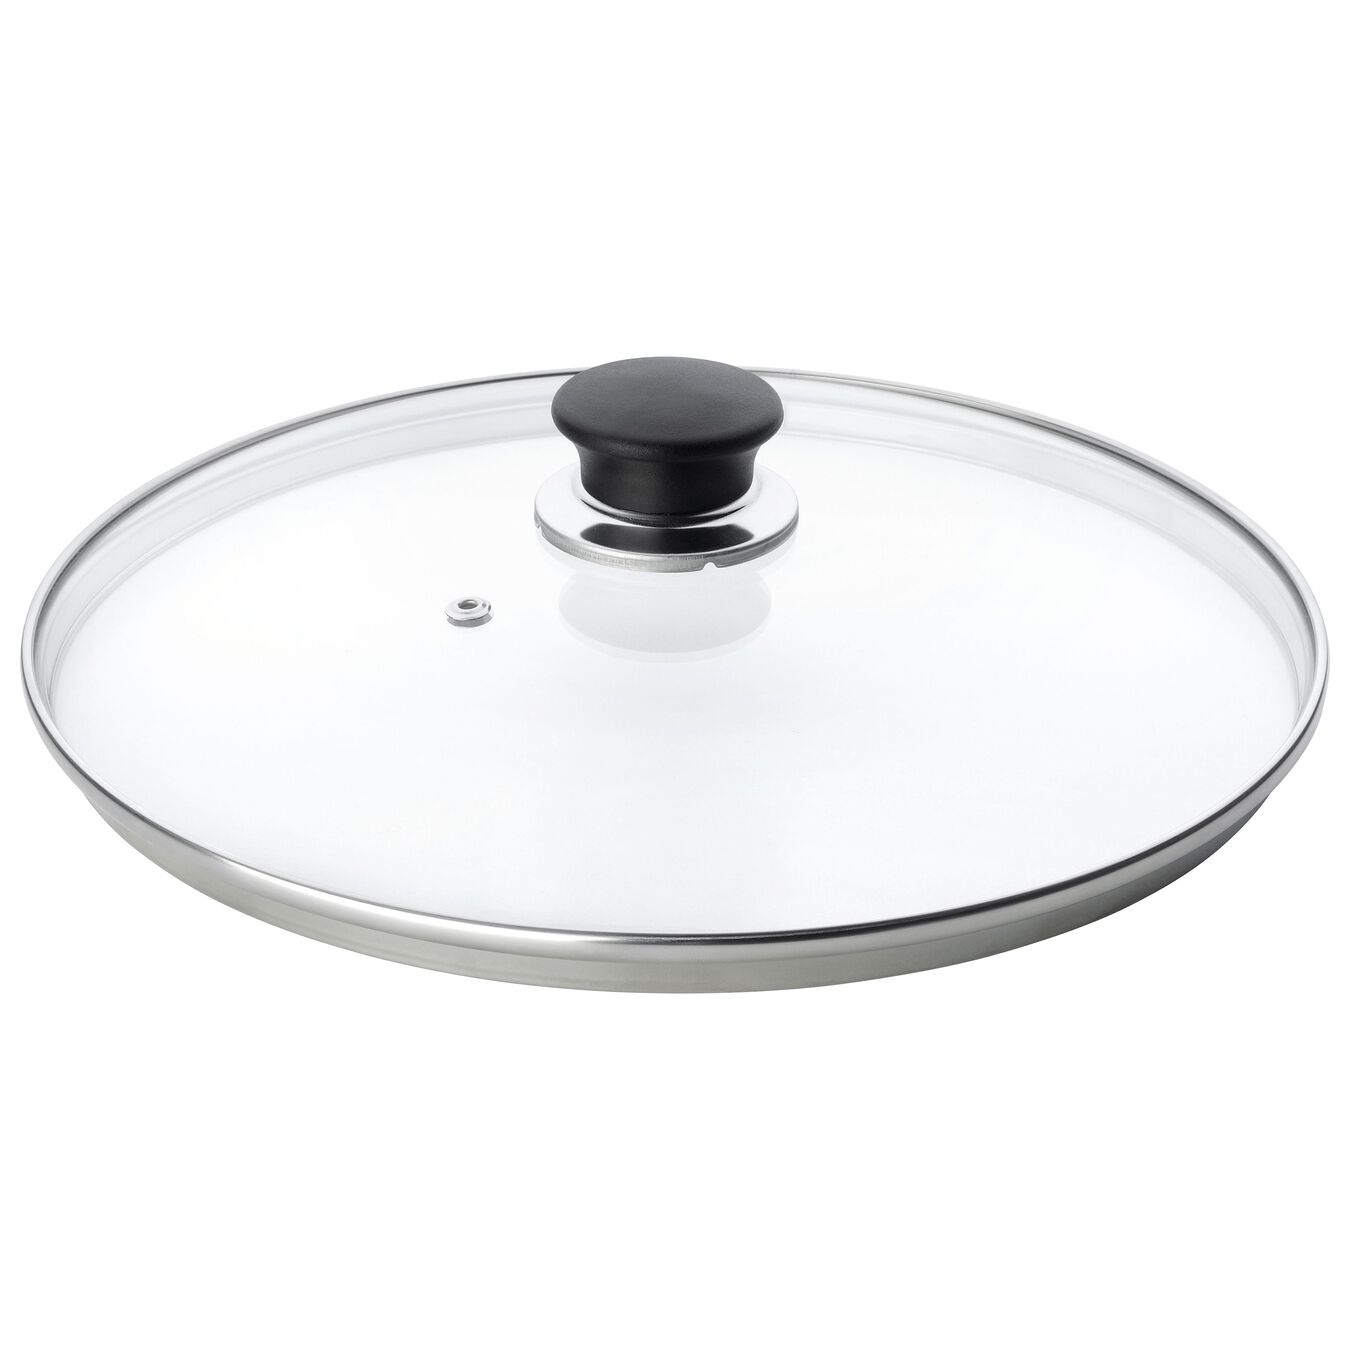 Deckel, 28 cm | rund | Glas,,large 1